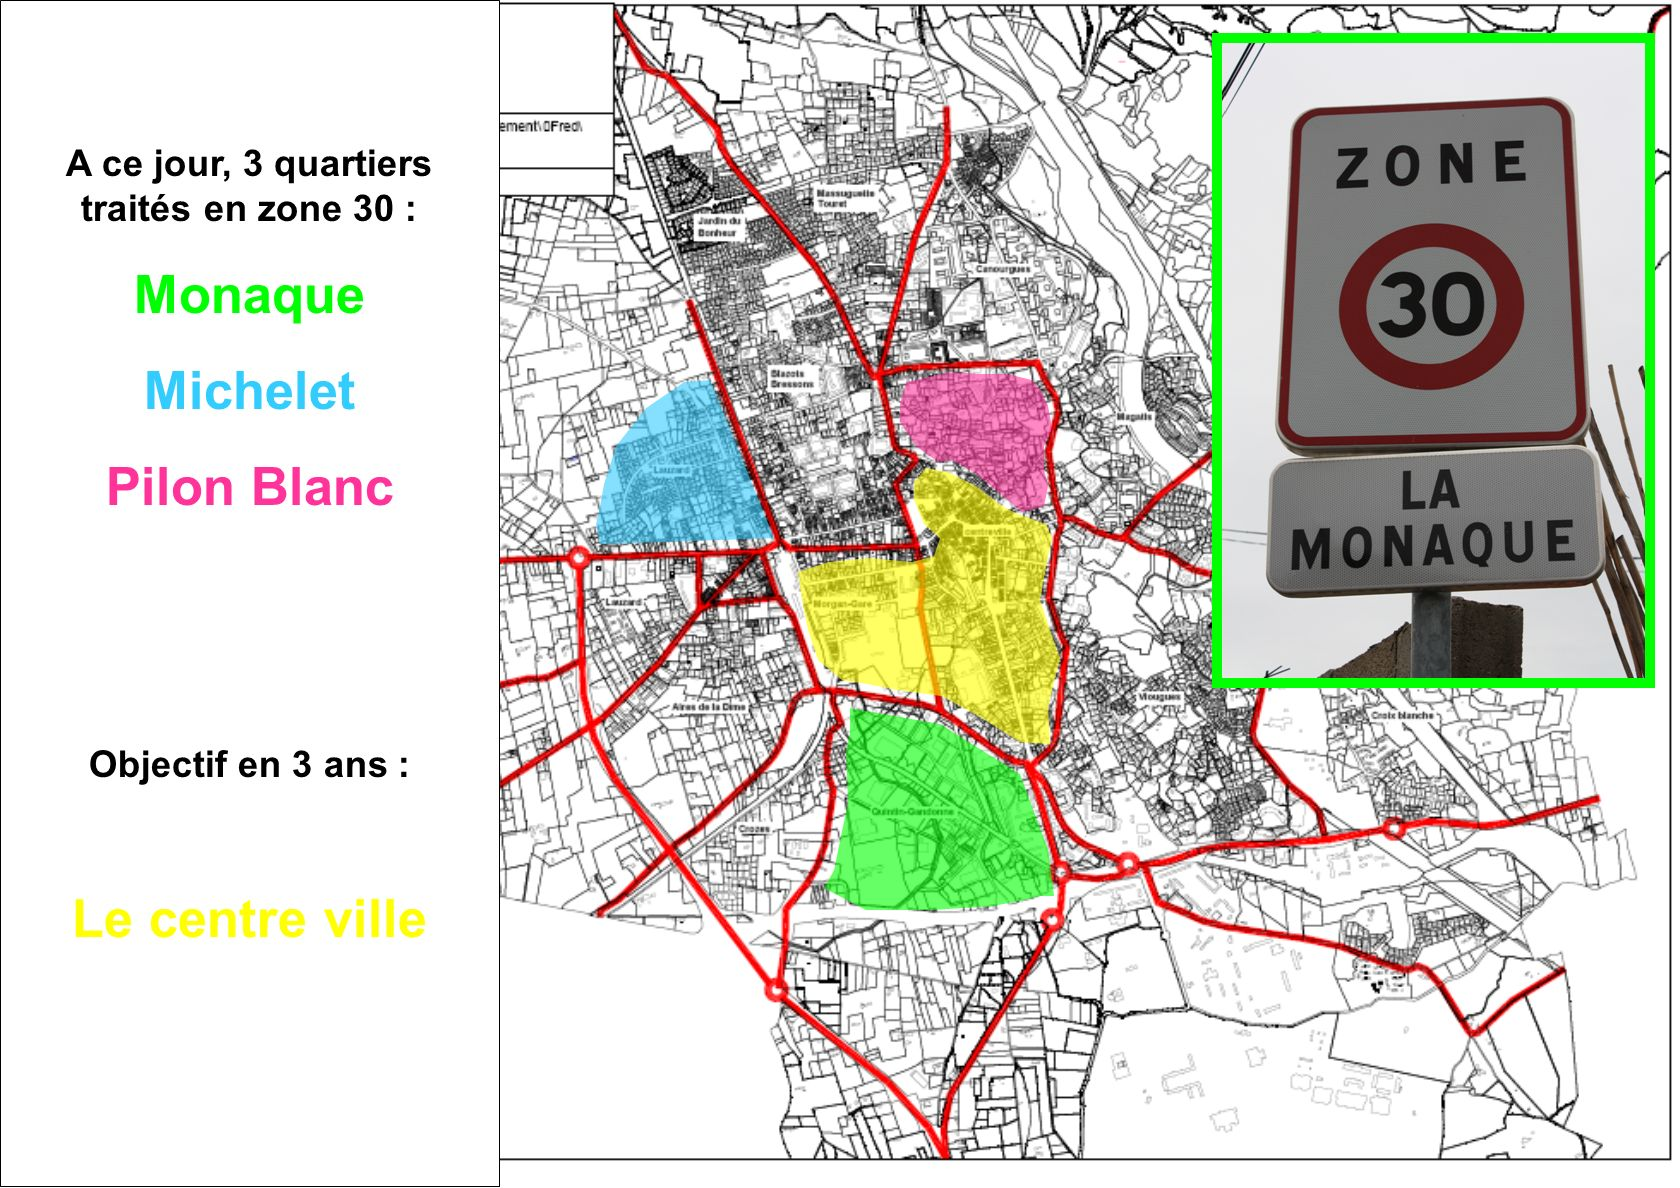 A ce jour, 3 quartiers traités en zone 30 :